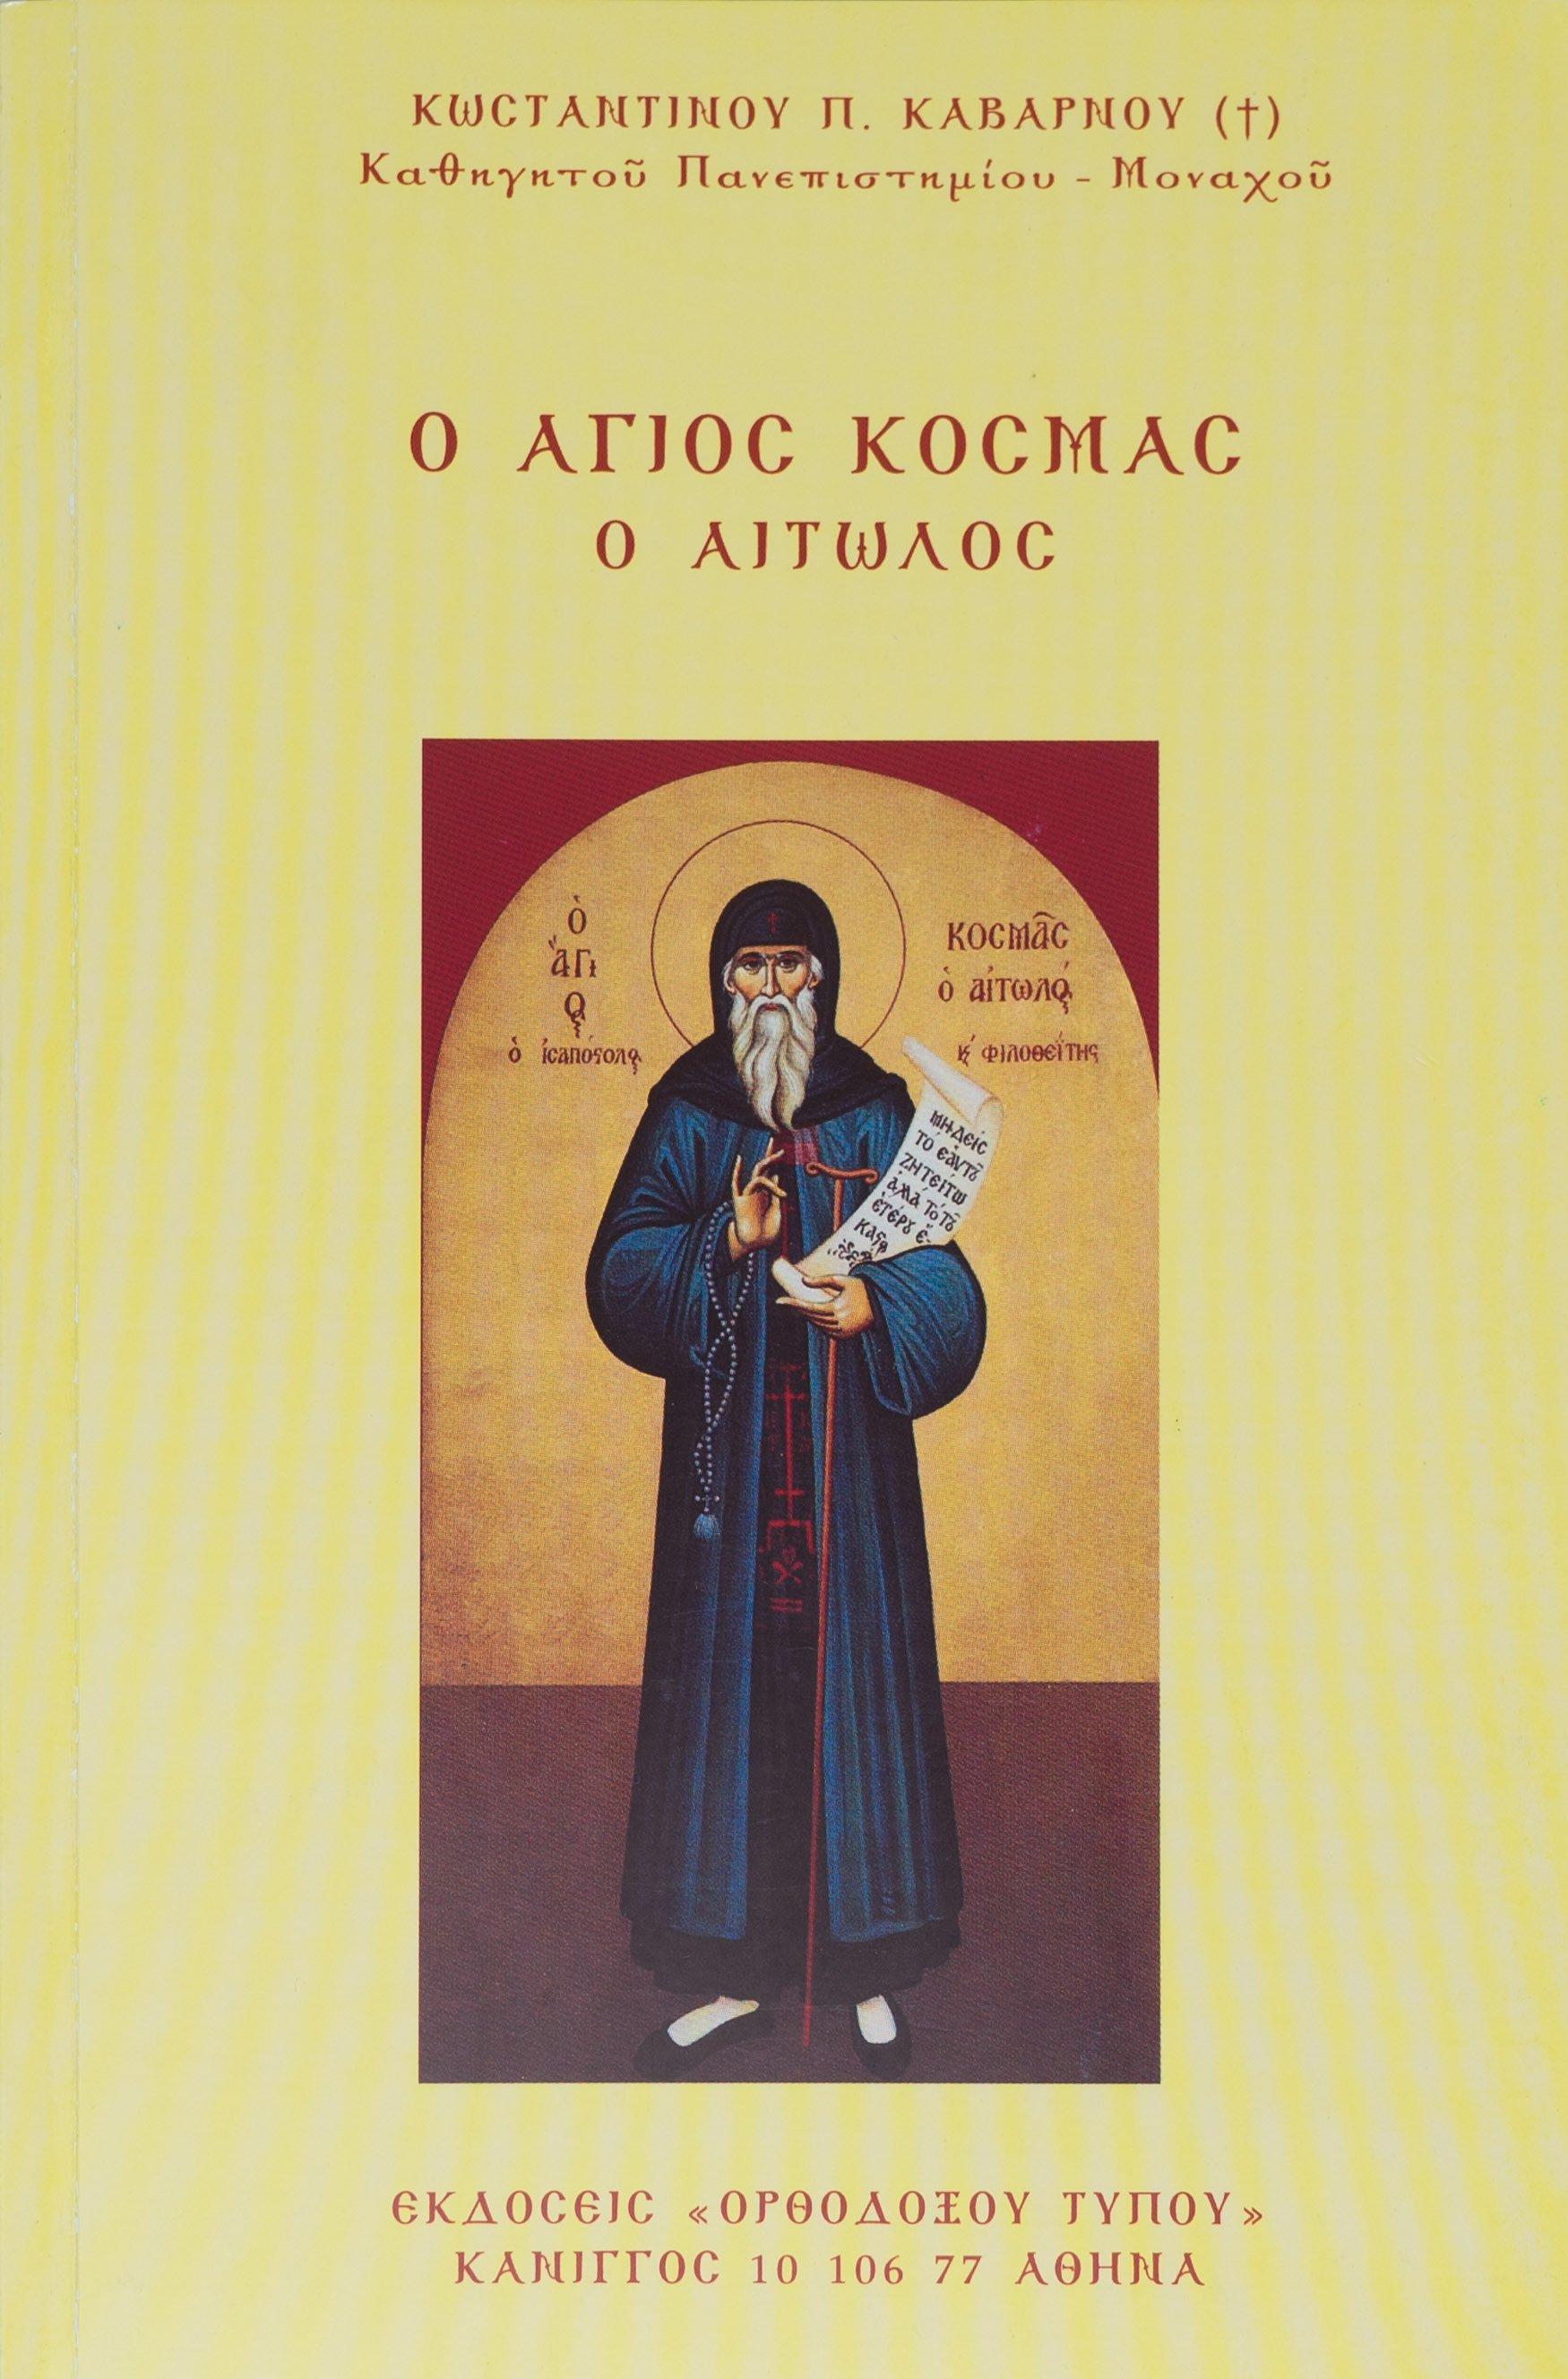 Ο Αγιος Κοσμάς Ο Αϊτωλός – St Kosmas of Aetolia